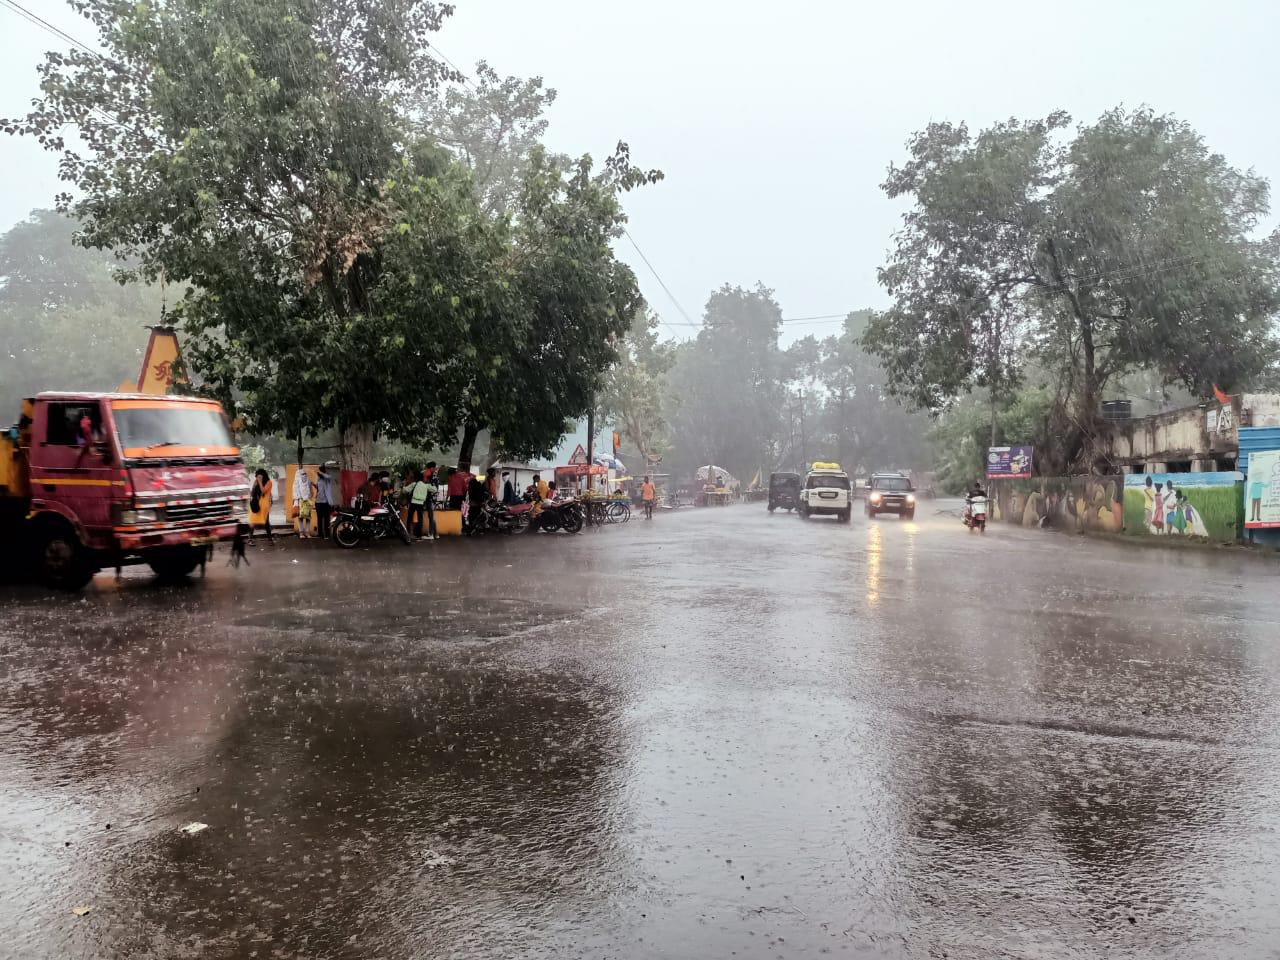 खंडवा में बीते 48 घंटे में 6 इंच बरसा पानी, तापमान गिरने से बढ़ी ठंडक, फसलों को मिलेगा फायदा; ओंकारेश्वर-इंदिरा सागर बांध के जलस्तर में बढ़ोत्तरी नहीं|खंडवा,Khandwa - Dainik Bhaskar